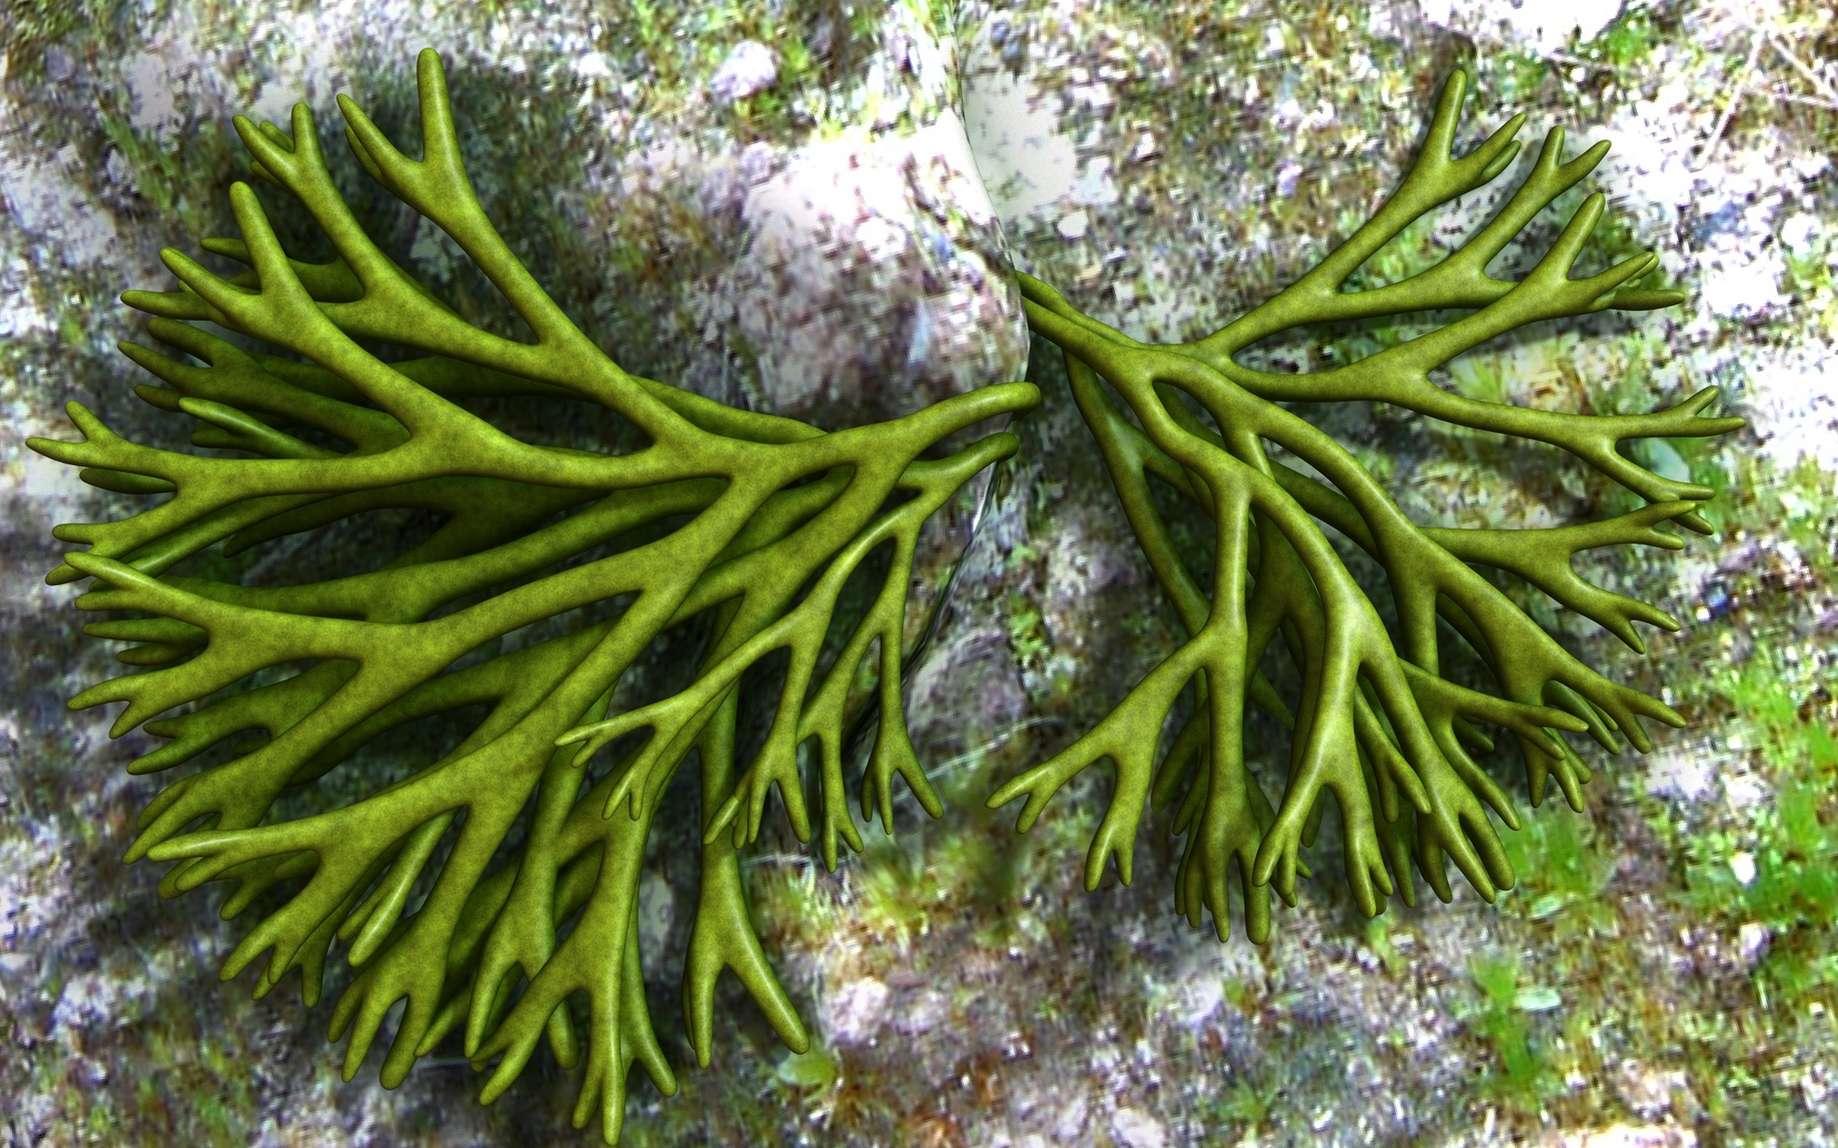 Les thallophytes sont des végétaux simples généralement aquatiques comme les algues. © 7activestudio, Fotolia